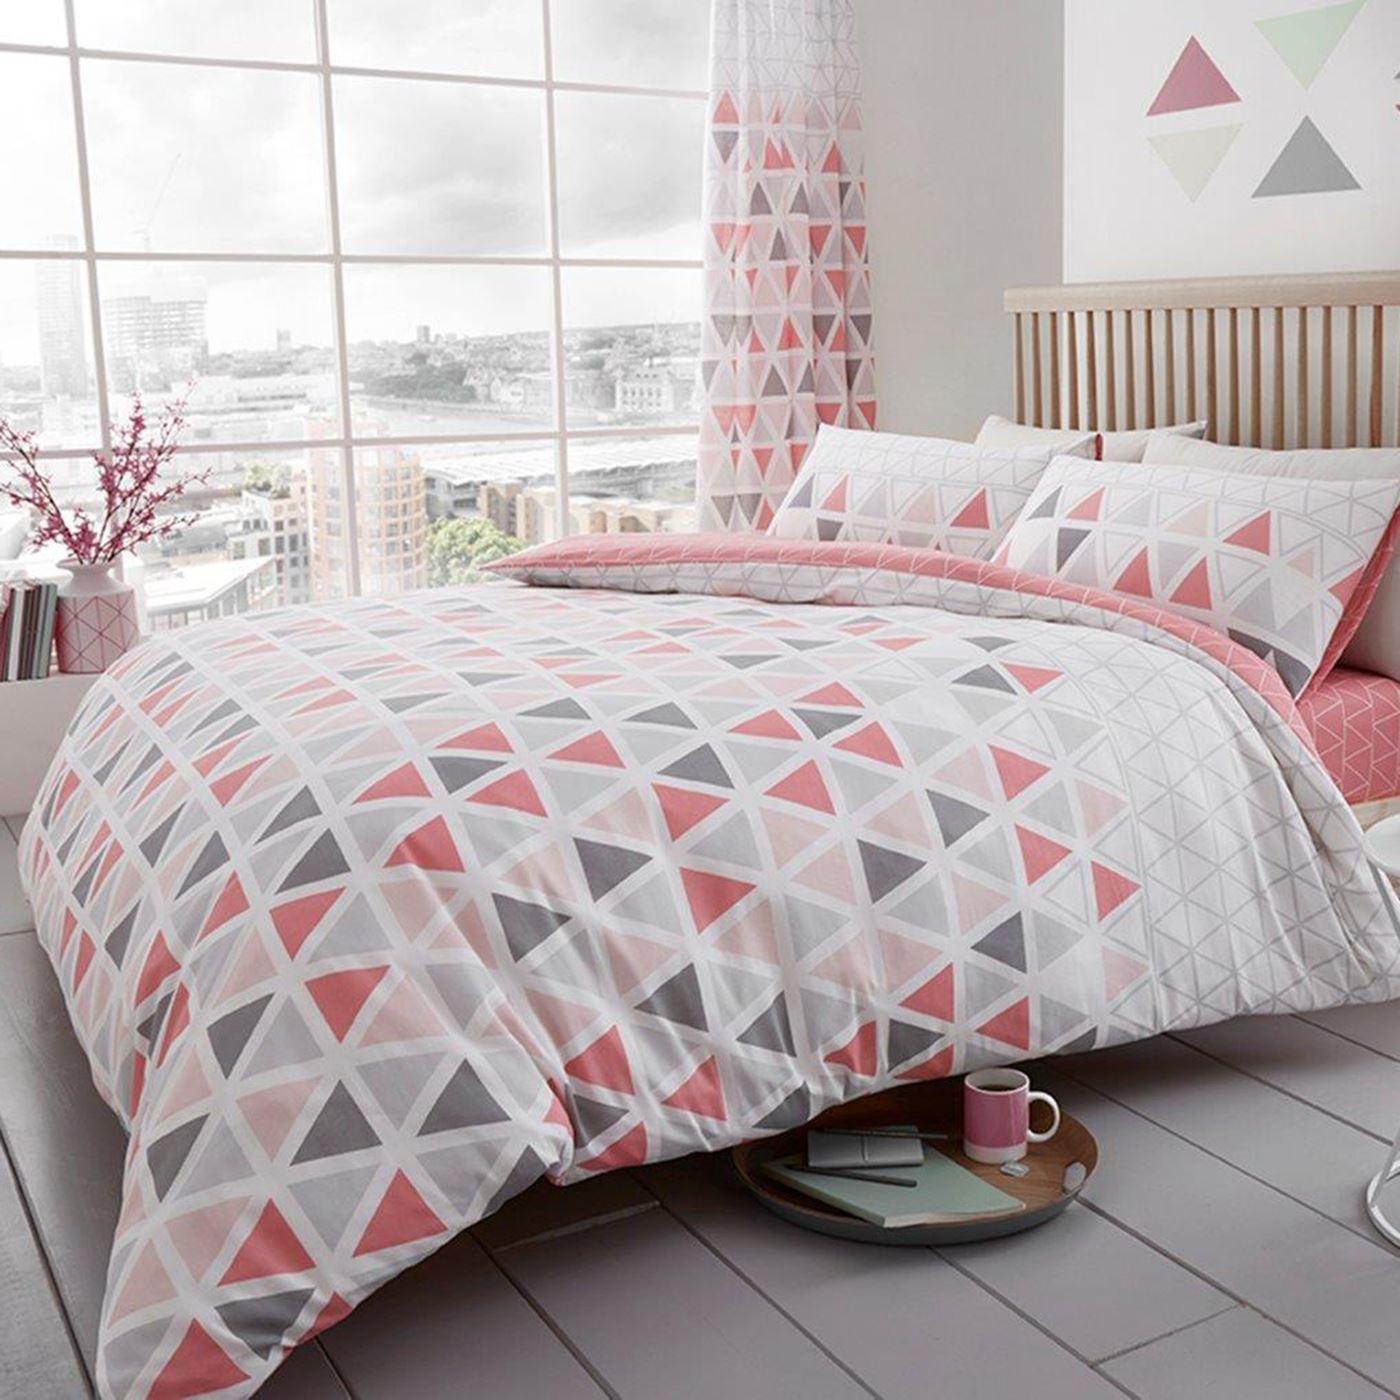 erwachsene bettbezug sets einzeln doppel king galaxy geometrisch ebay. Black Bedroom Furniture Sets. Home Design Ideas